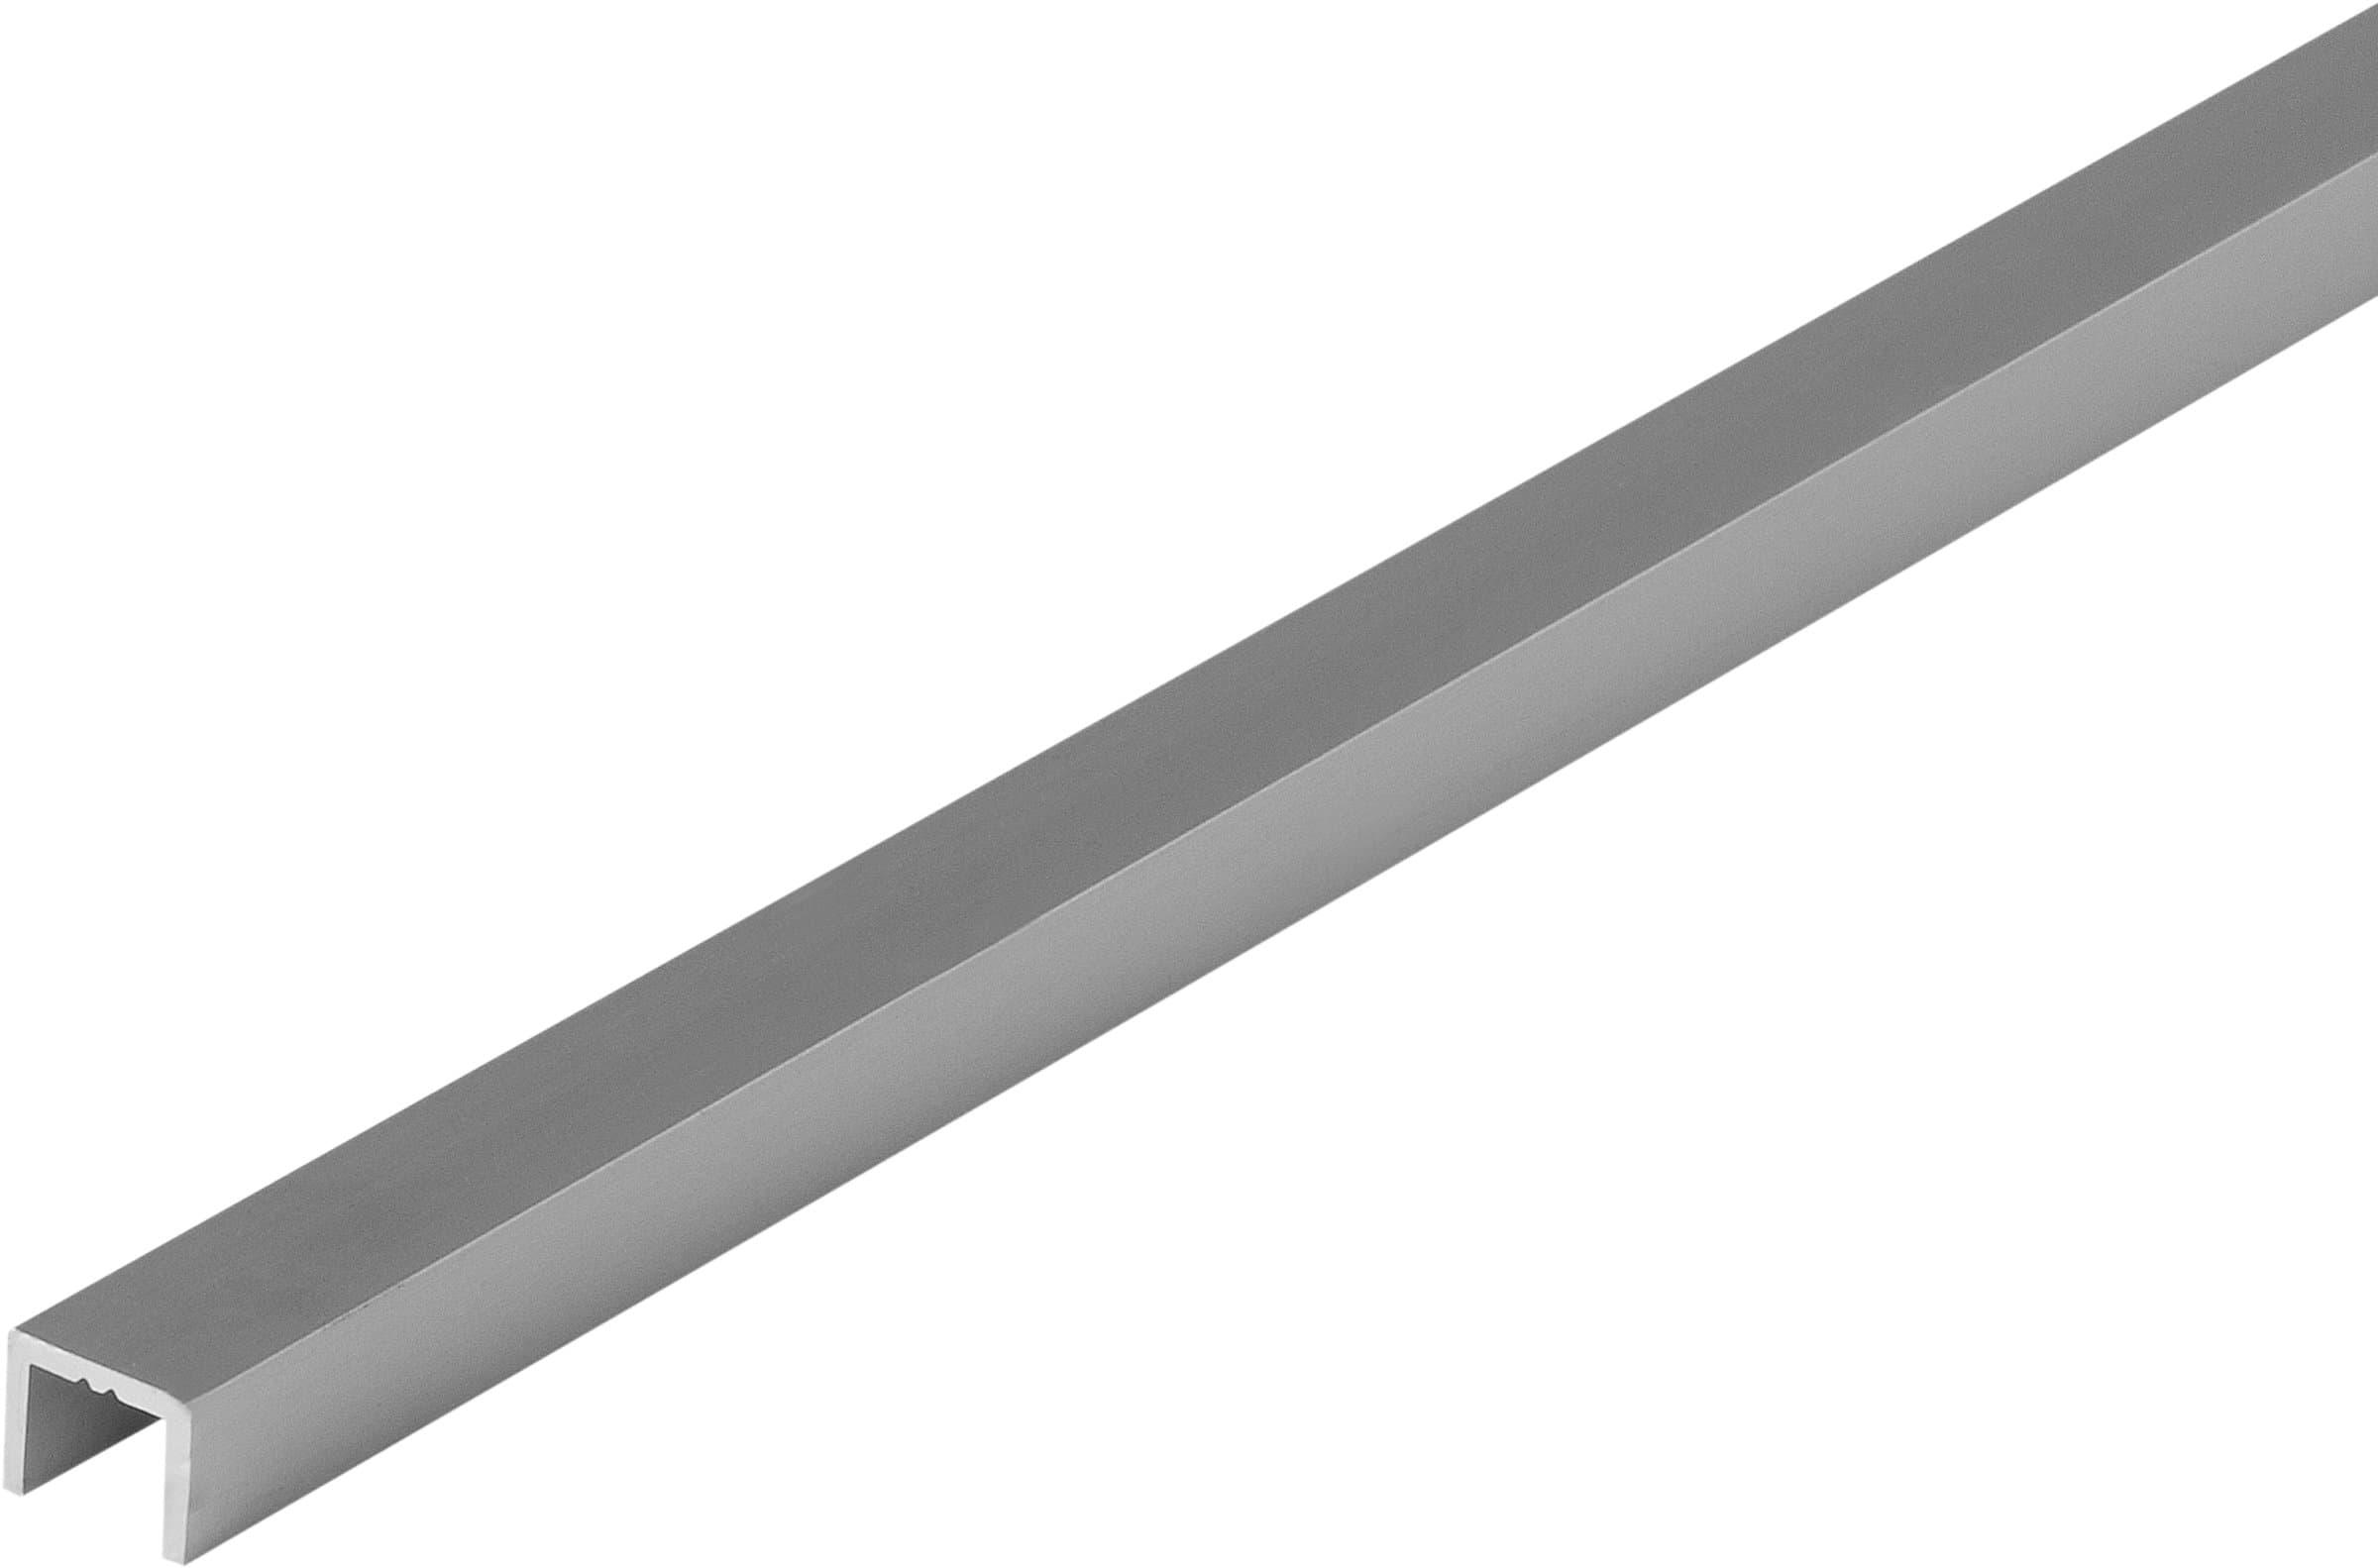 alfer U-Profilo 8 x 10.1 x 1.3 argento 1 m